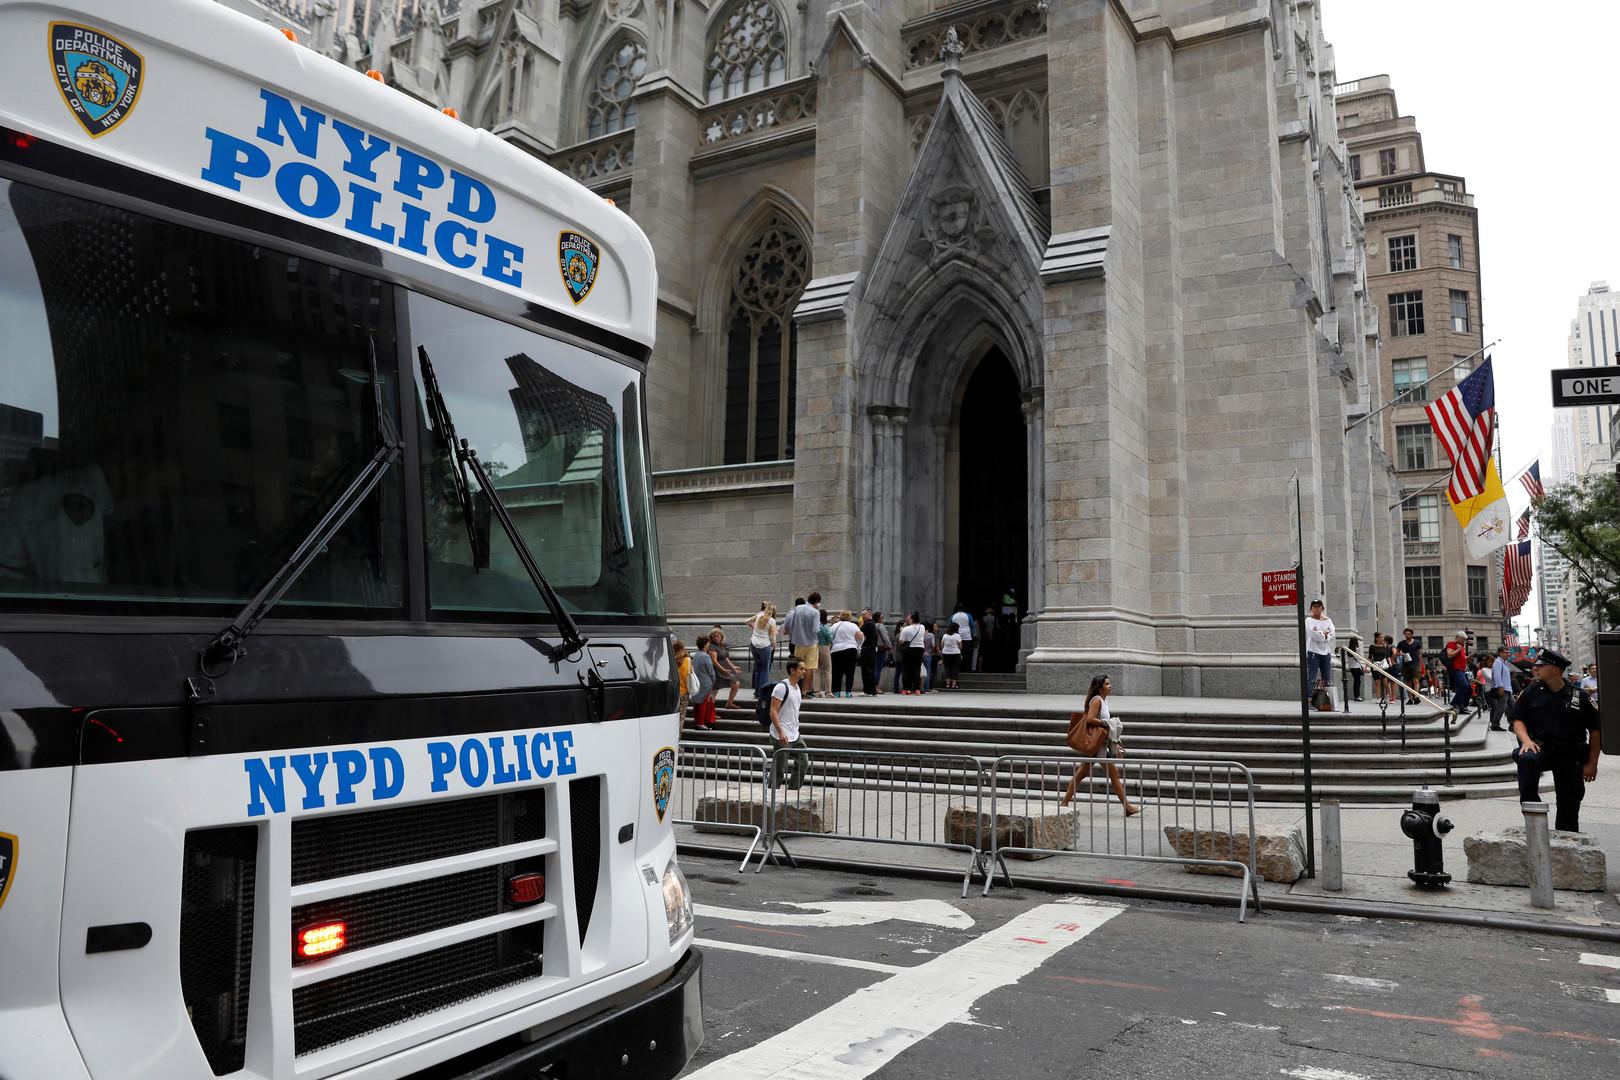 بعد أيام من حريق نوتردام.. اعتقال شخص يحمل مواد قابلة للاشتعال داخل كاتدرائية في نيويورك